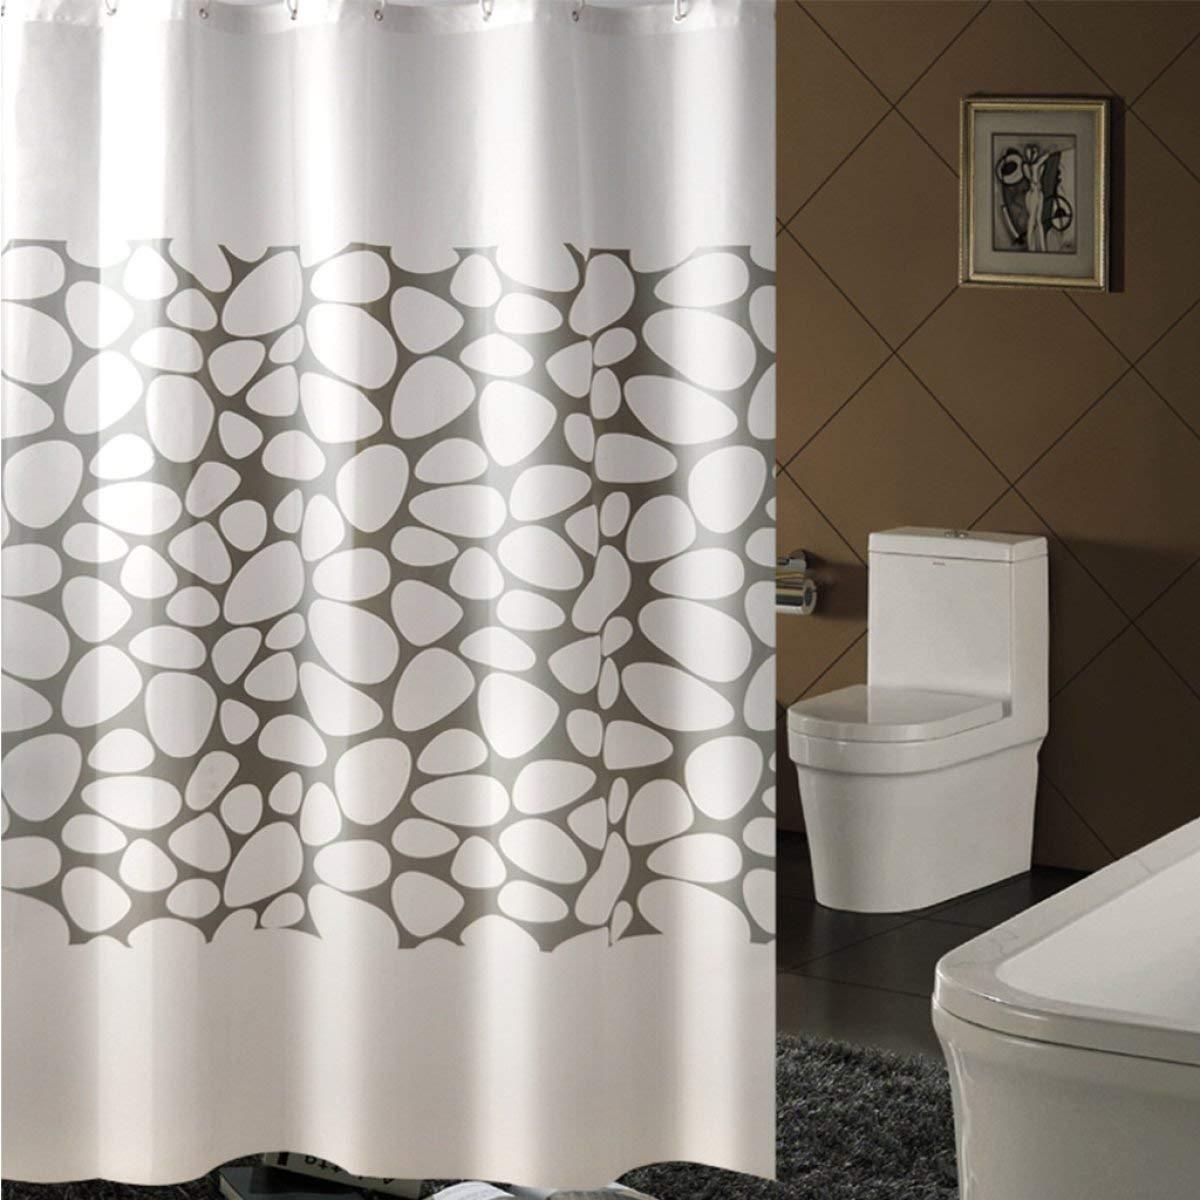 Der Creative Wild Snowflake Opaque Sunshade Padded EVA Bathroom Drilled Shower Curtain Waterproof Mildew Bathroom Accessories (Size : 150cm180cm) by Der (Image #1)